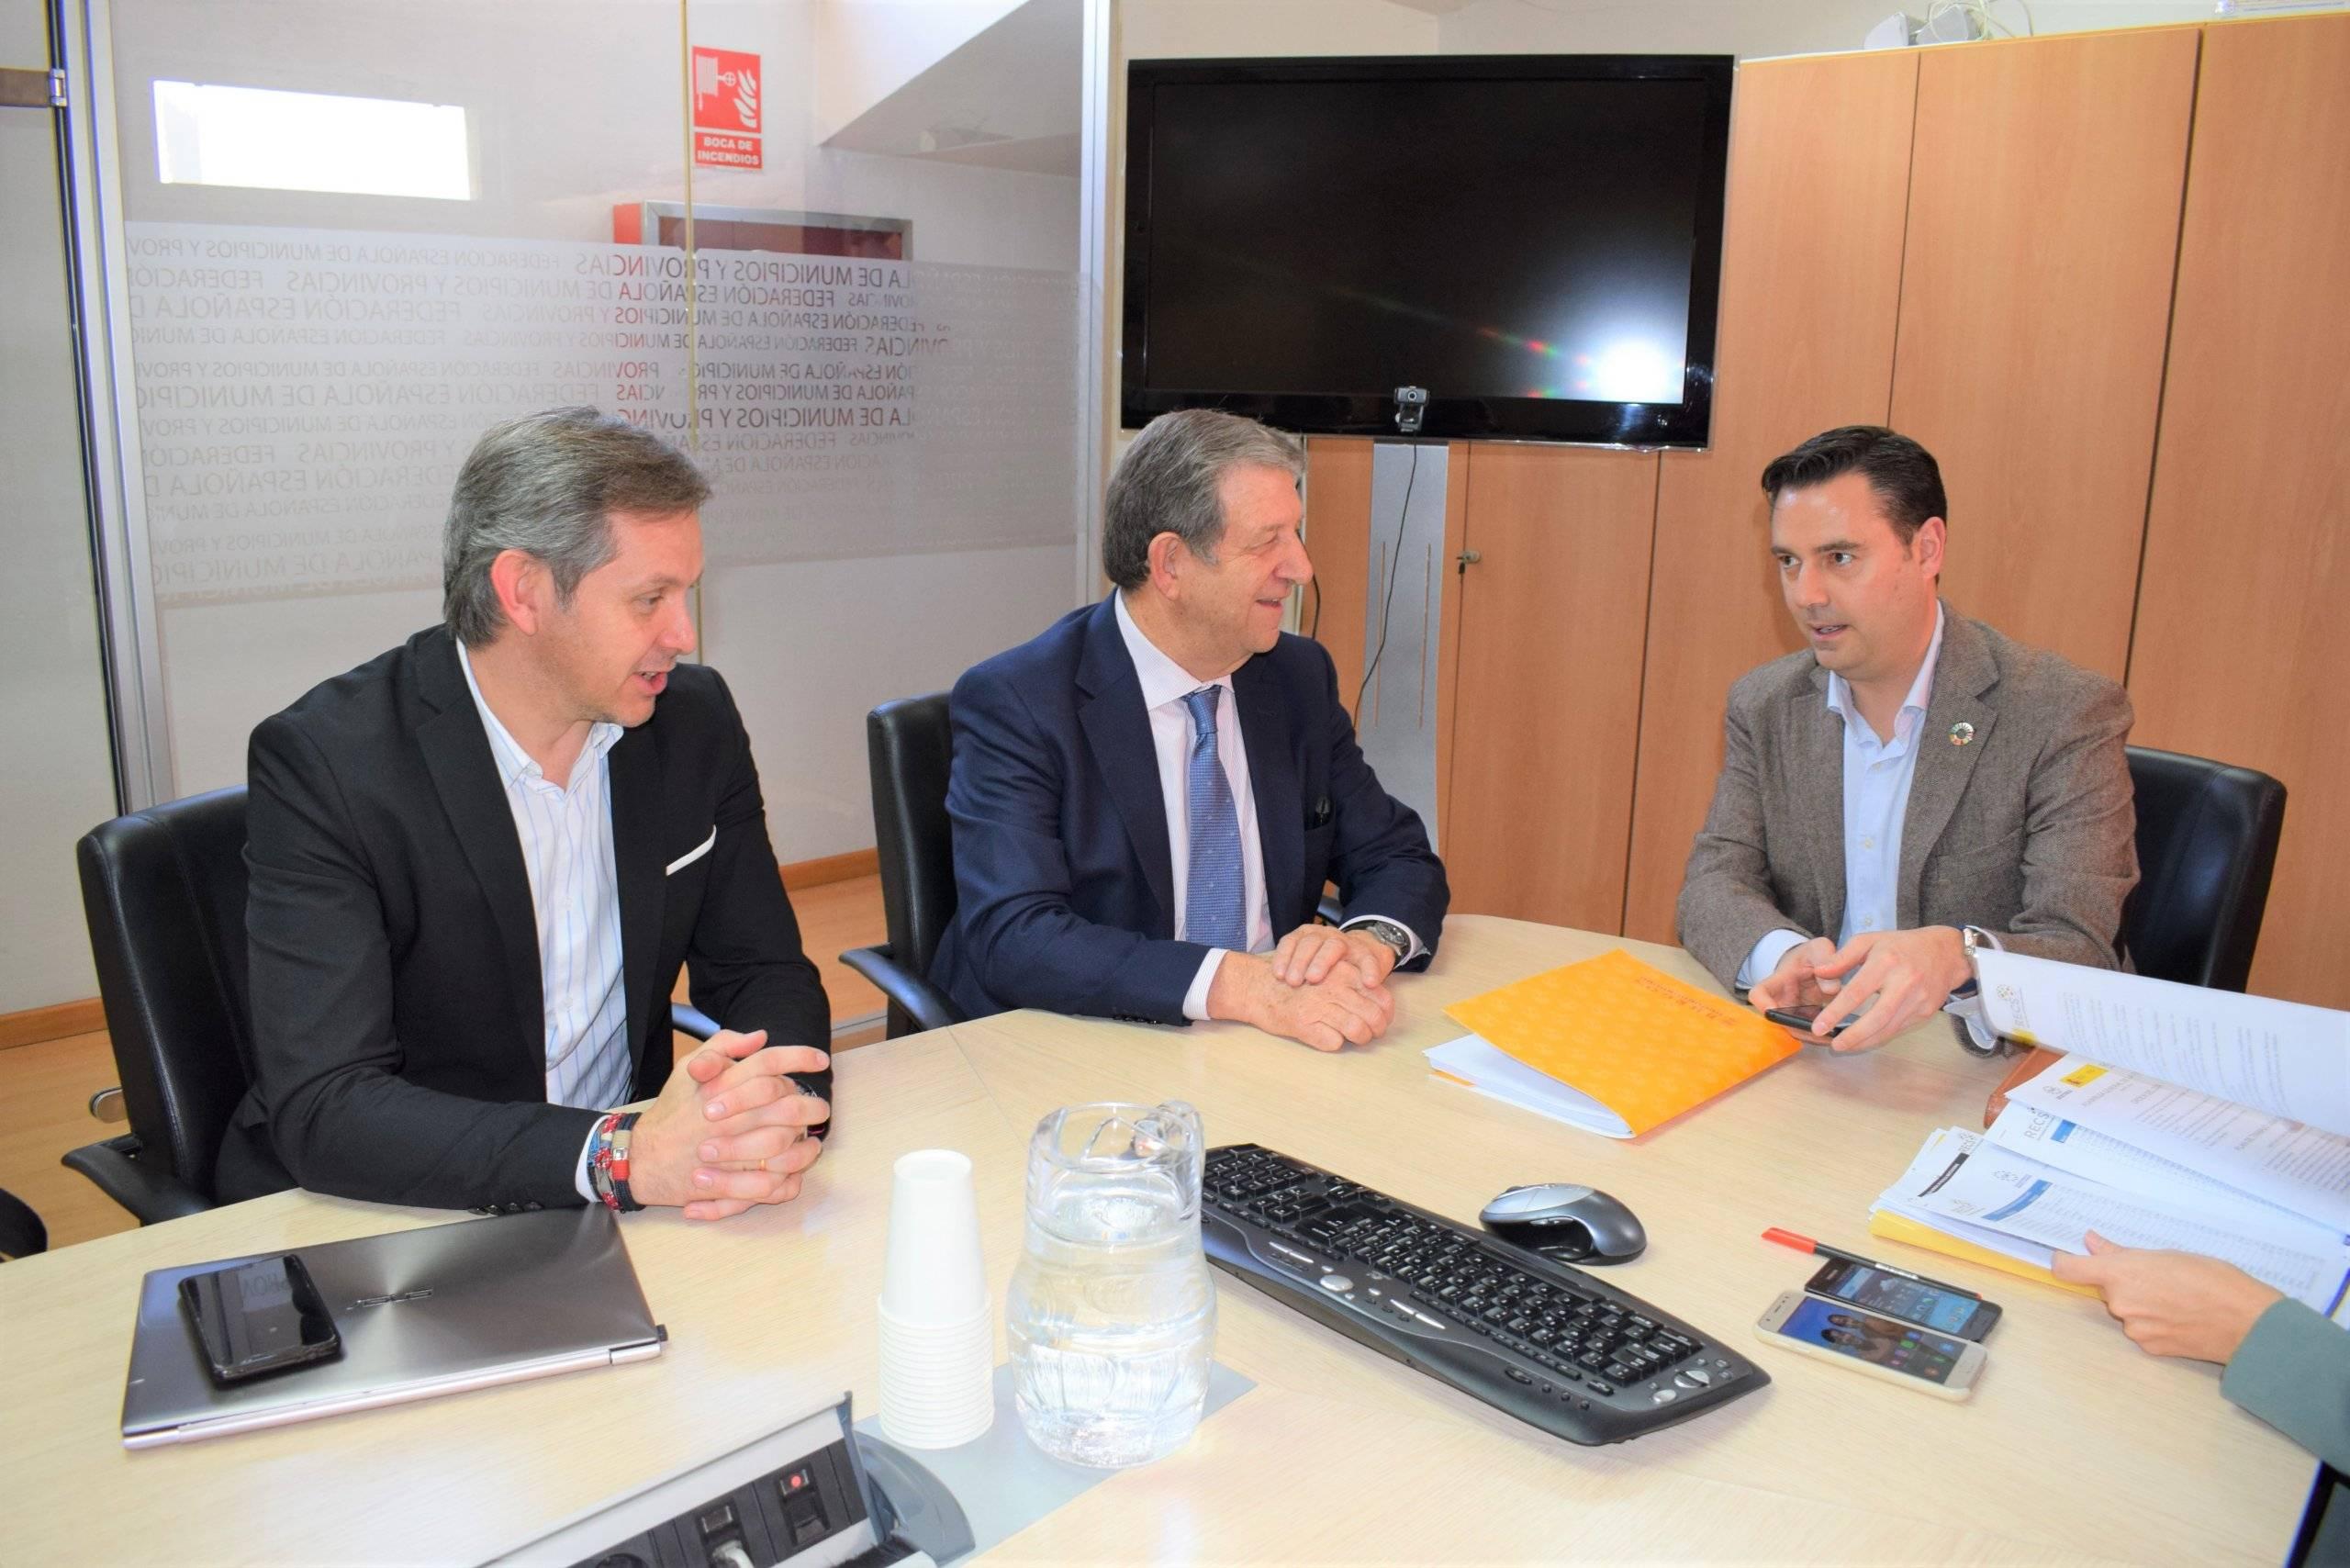 El alcalde, Luis Partida, junto a los alcaldes de Burgos, Daniel de la Rosa Villahoz y de Ames (A Coruña), José Manuel Miñones Conde.